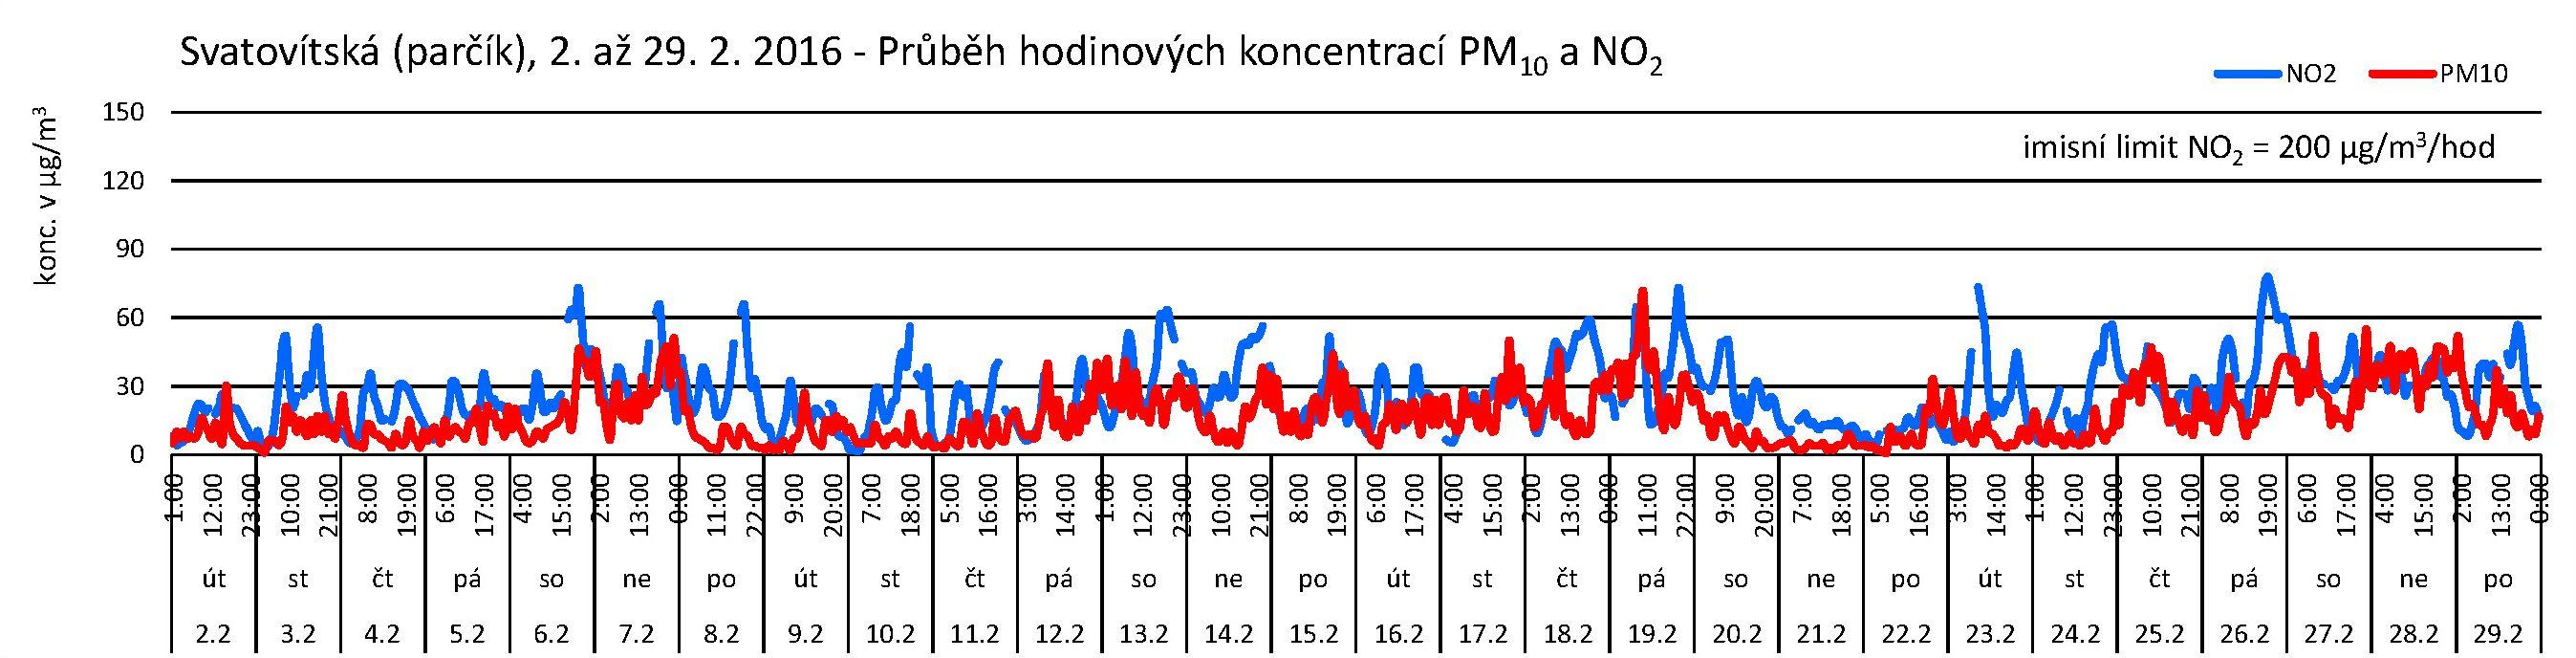 Svatovítská - 02.2016 - NO2 a PM10